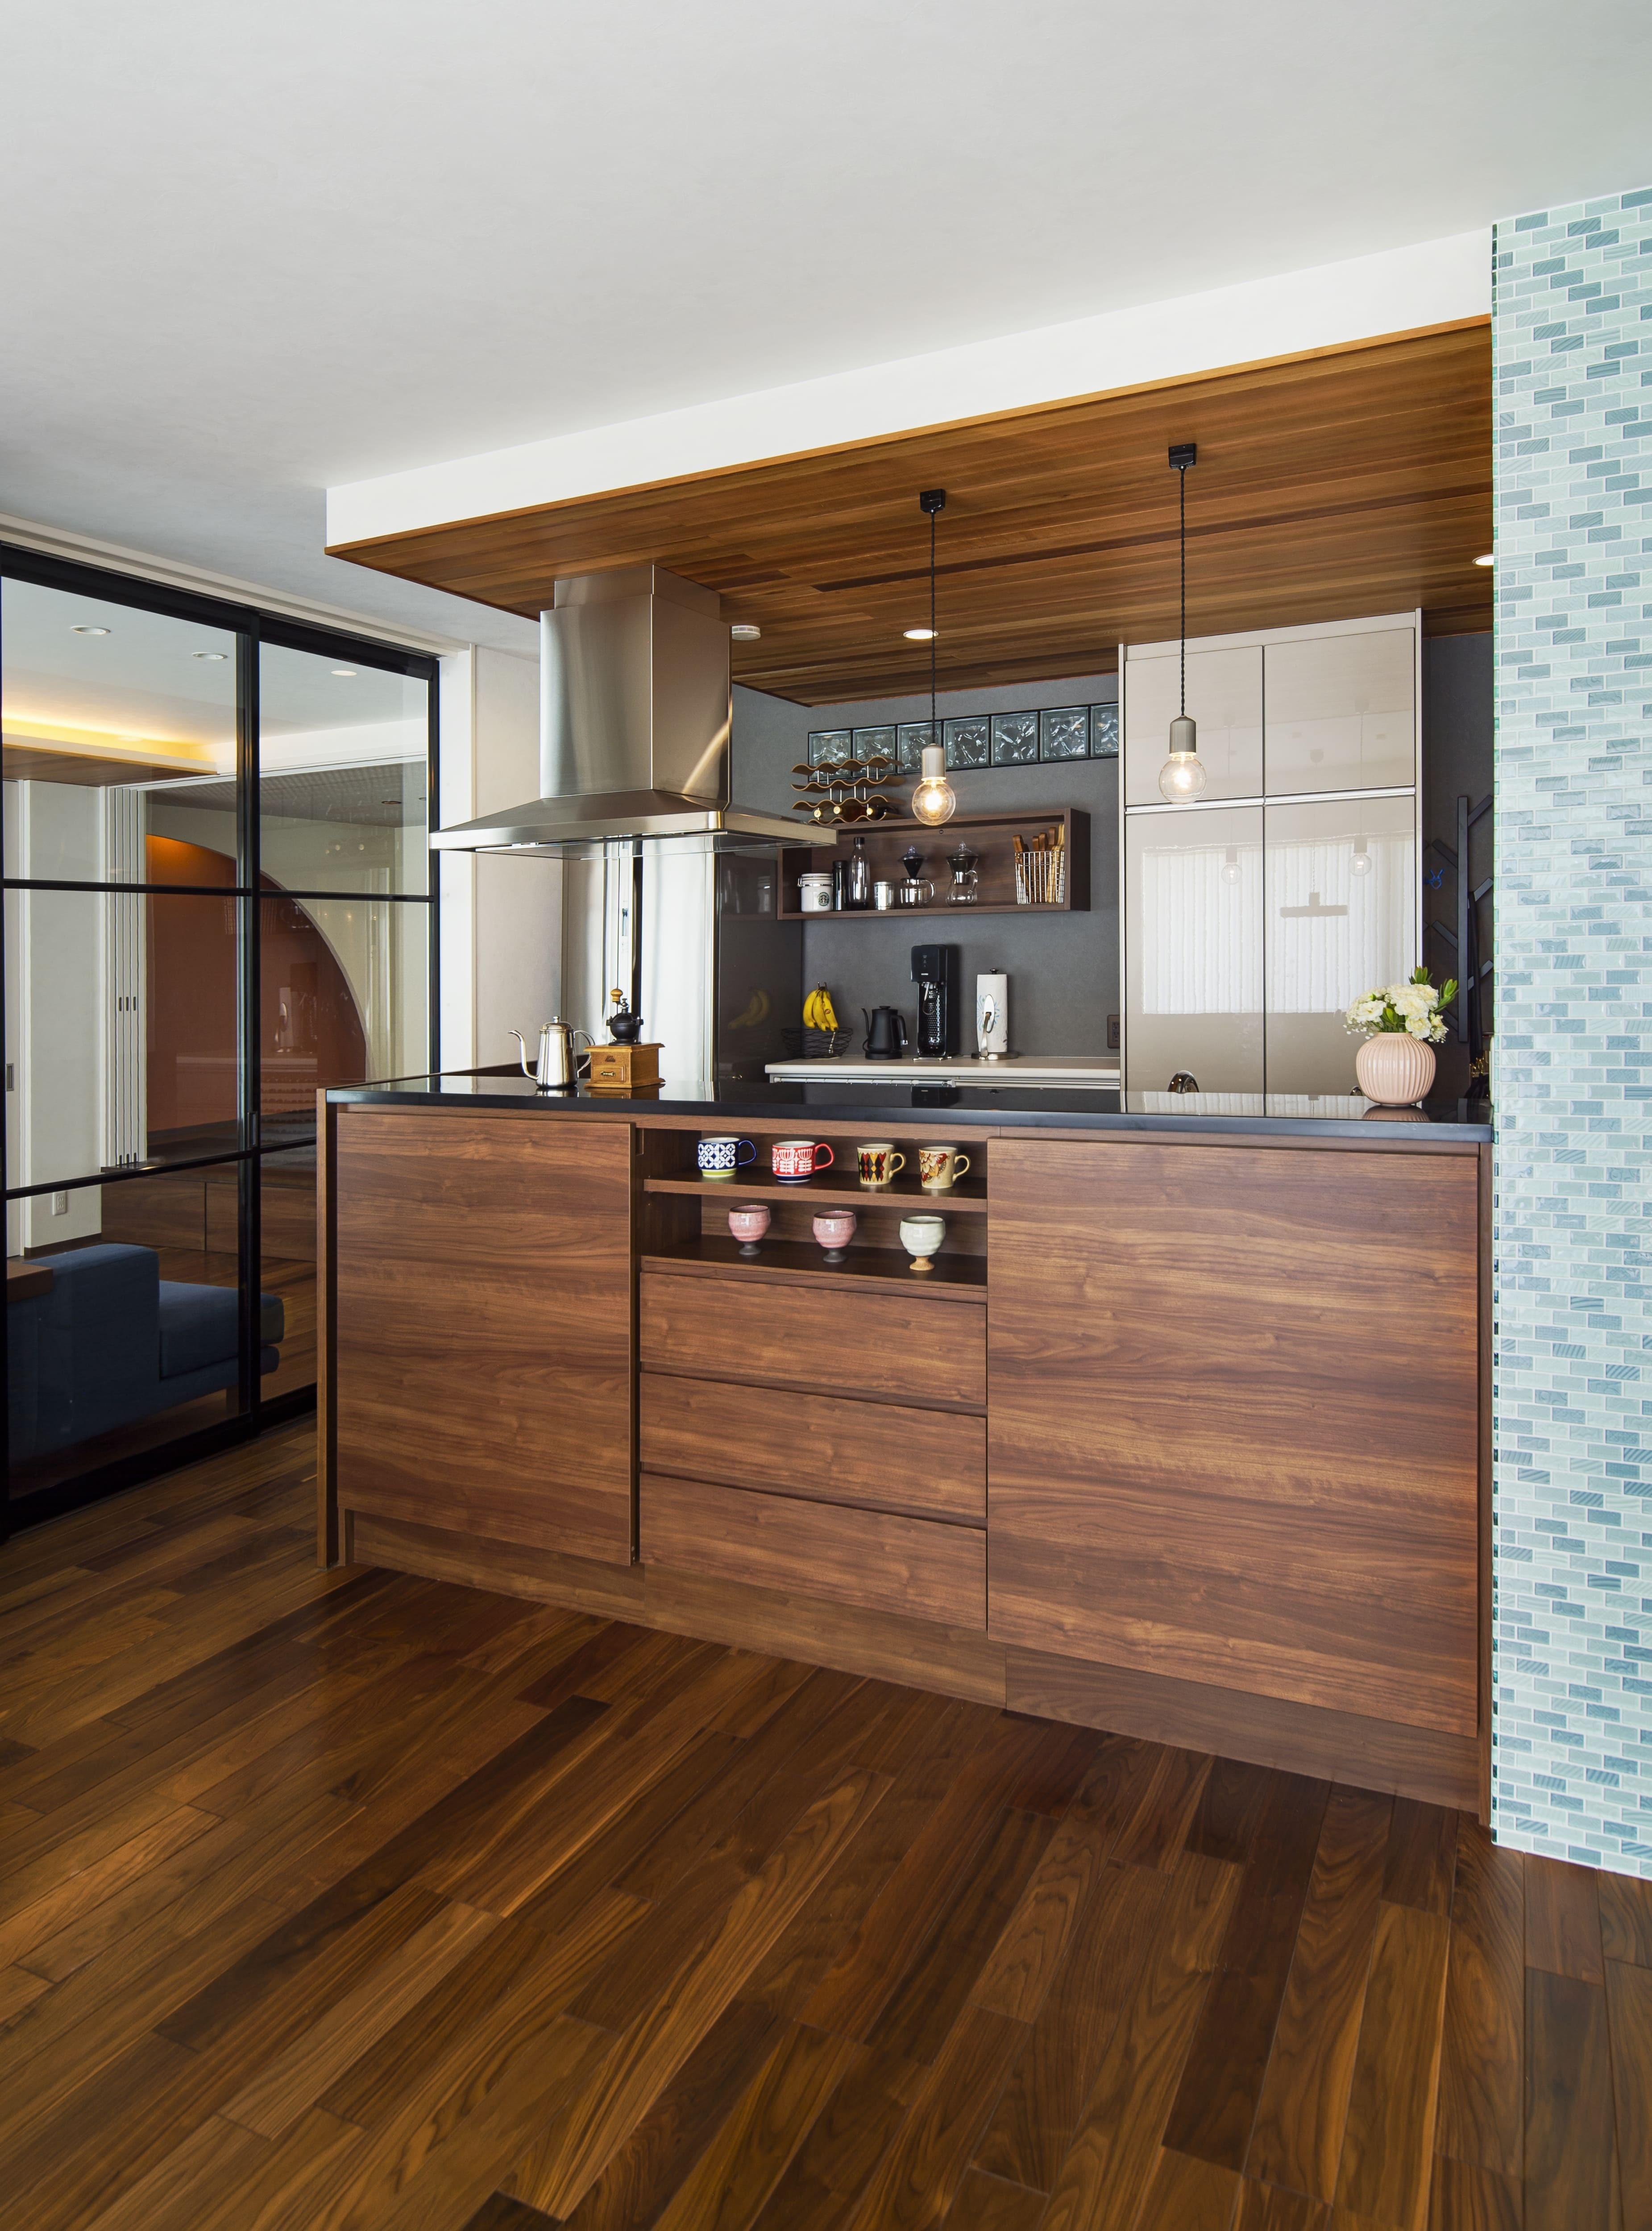 リビングダイニング事例:木質感あふれるキッチン空間(キッチンを家の中心に配置。便利な家事動線と子供を常に見守れる間取りにリフォーム。)